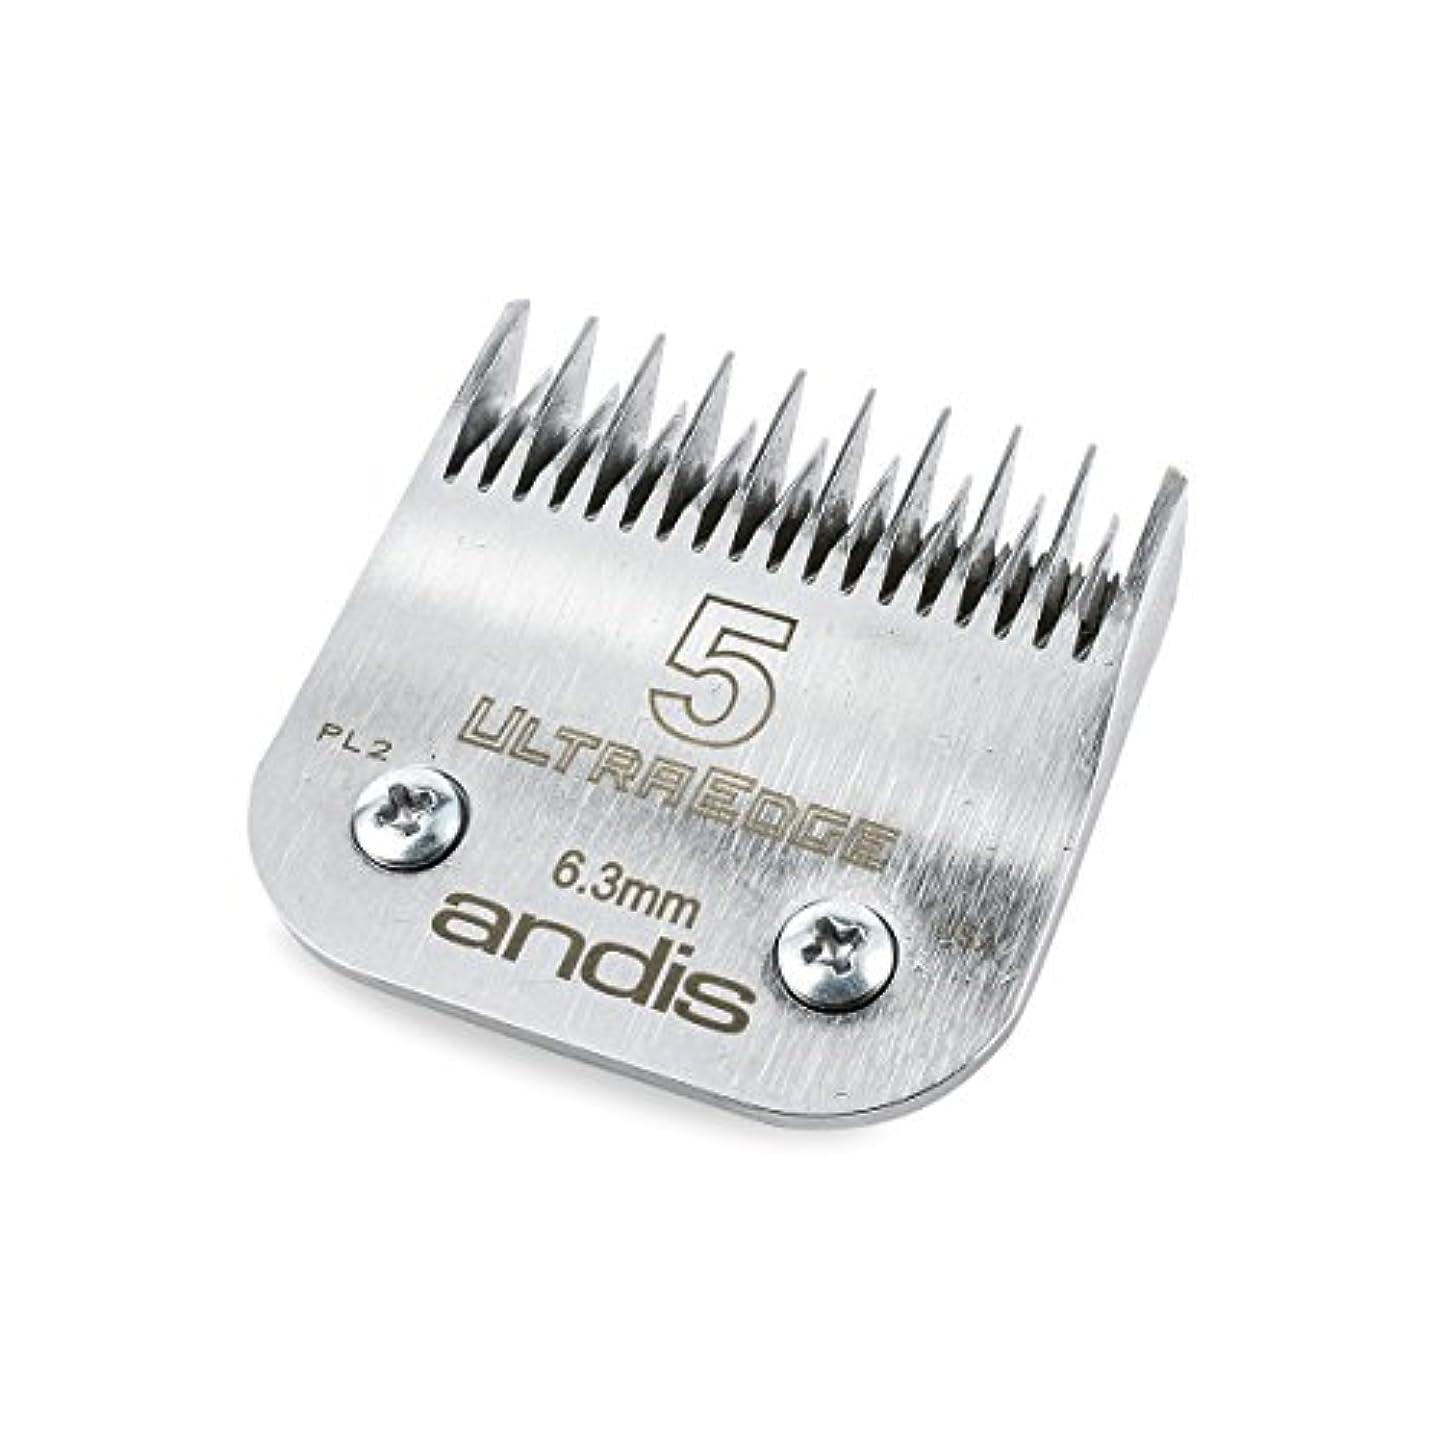 知り合い完了マイクロアンディス 64079 ウルトラエッジ 5 スキップ ツゥース ブレード 6.3mm[海外直送品] [並行輸入品]